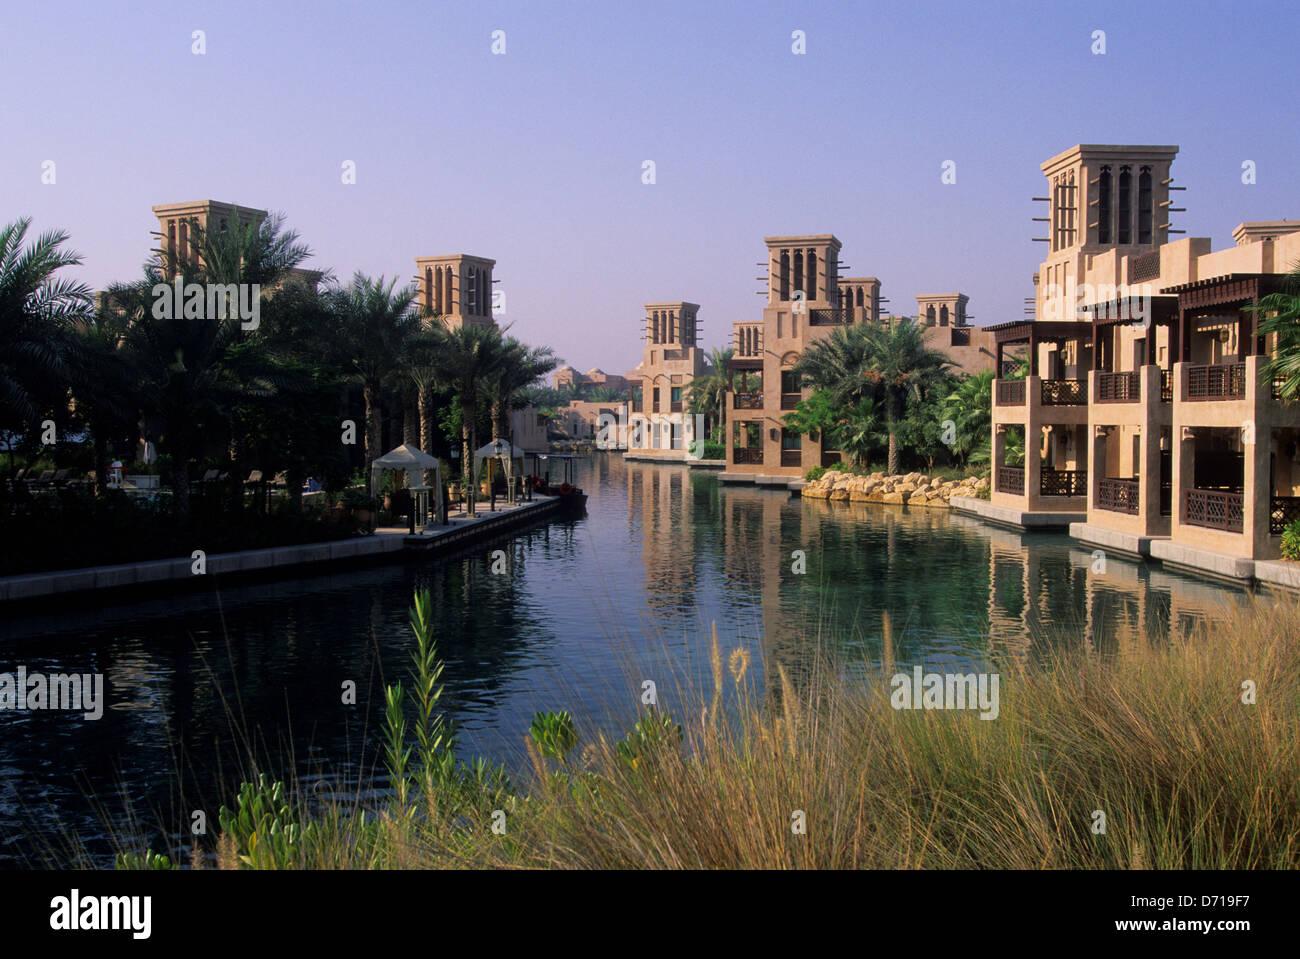 Emirats arabes unis, dubaï, Madinat Jumeirah Hotel, canaux Banque D'Images